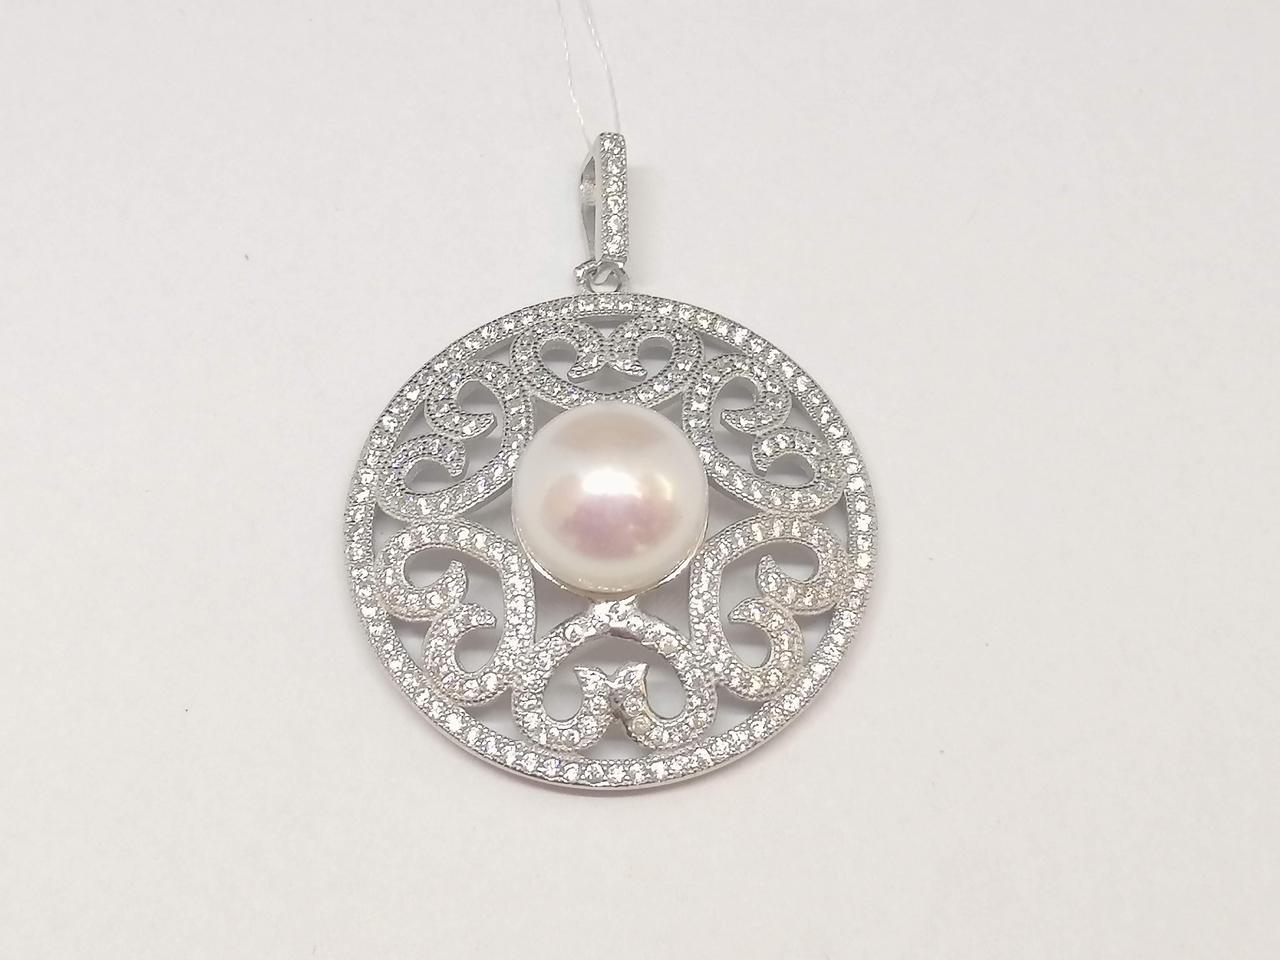 Срібна підвіска з фіанітами і перлами. Артикул В10451